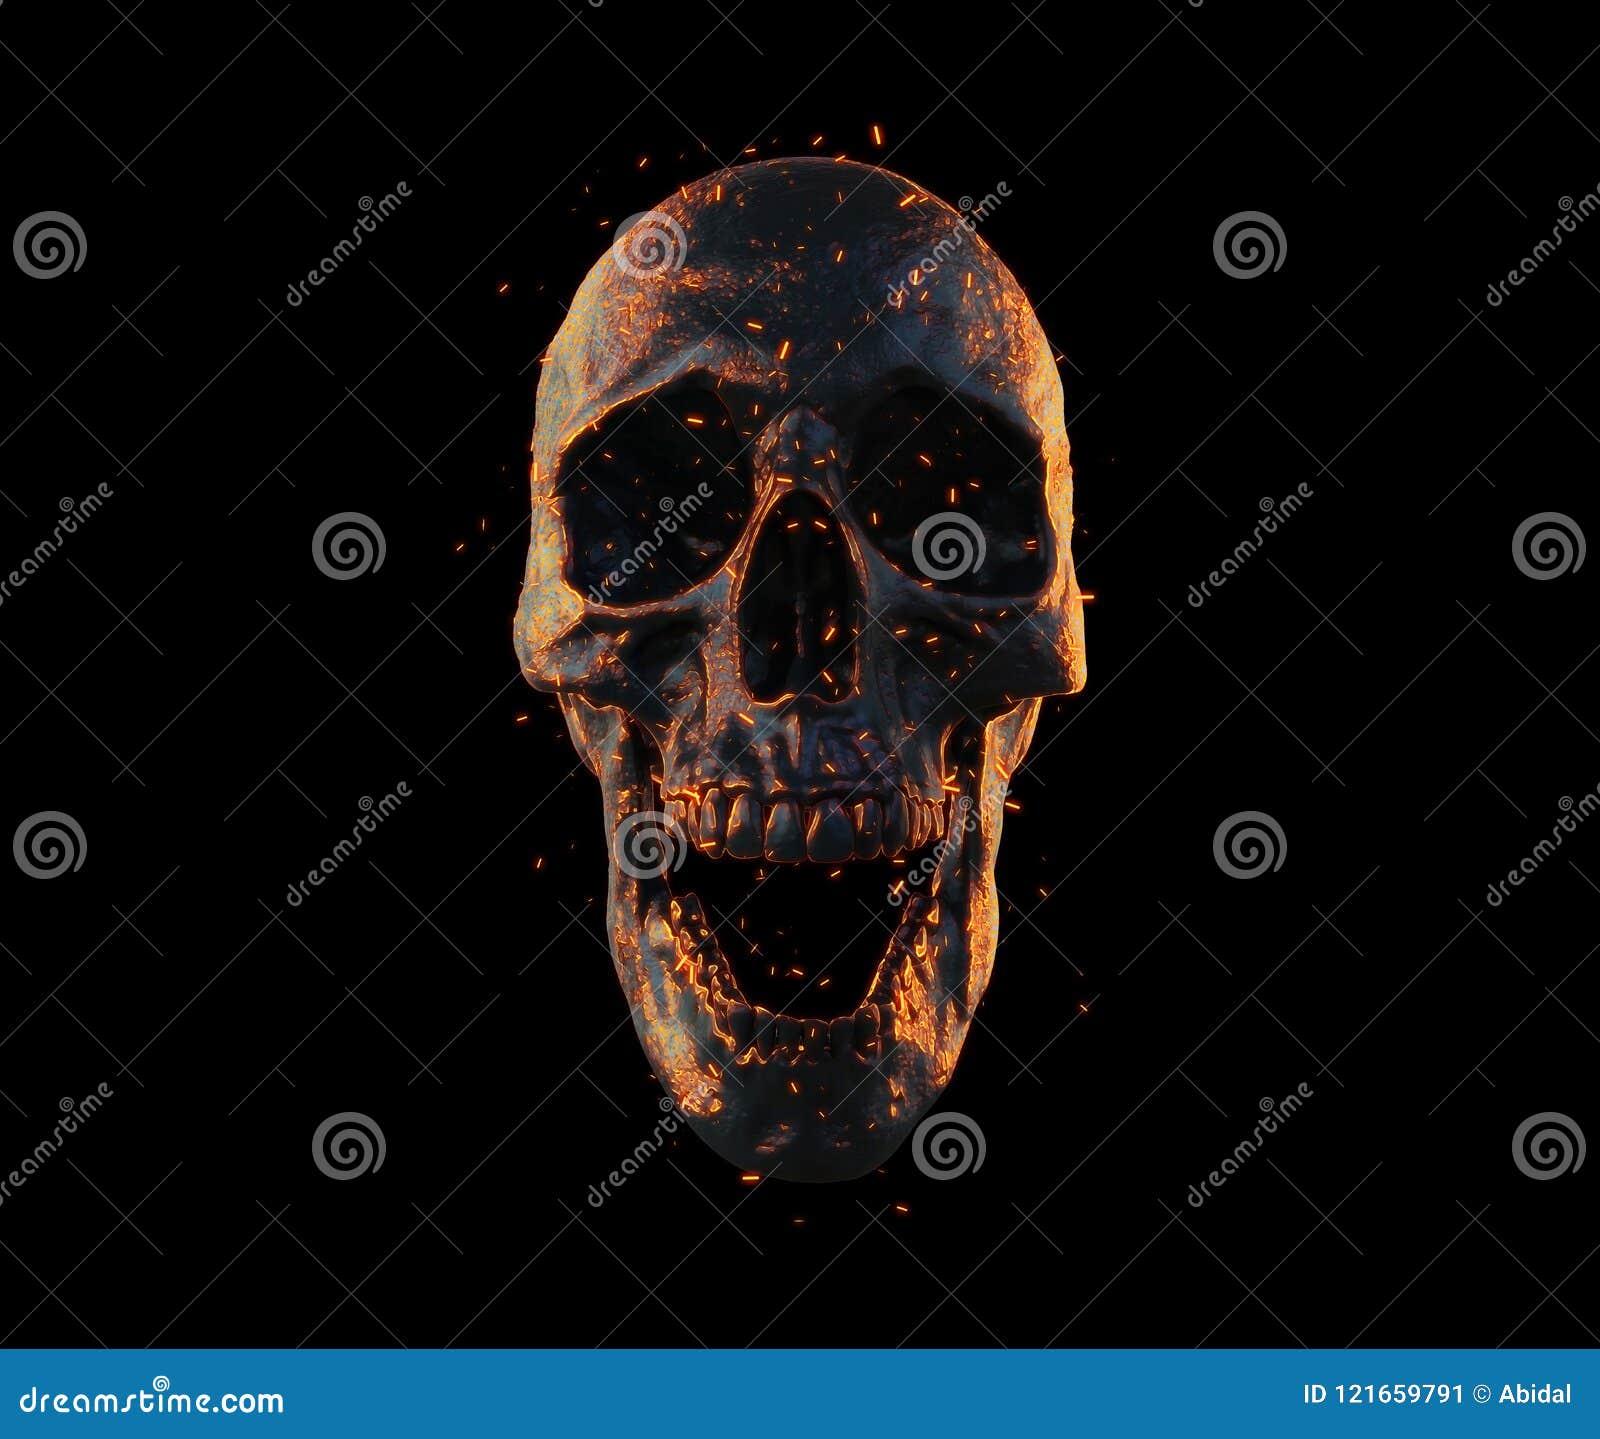 Skull Burned In Fire Wallpaper 3d Rendering Stock